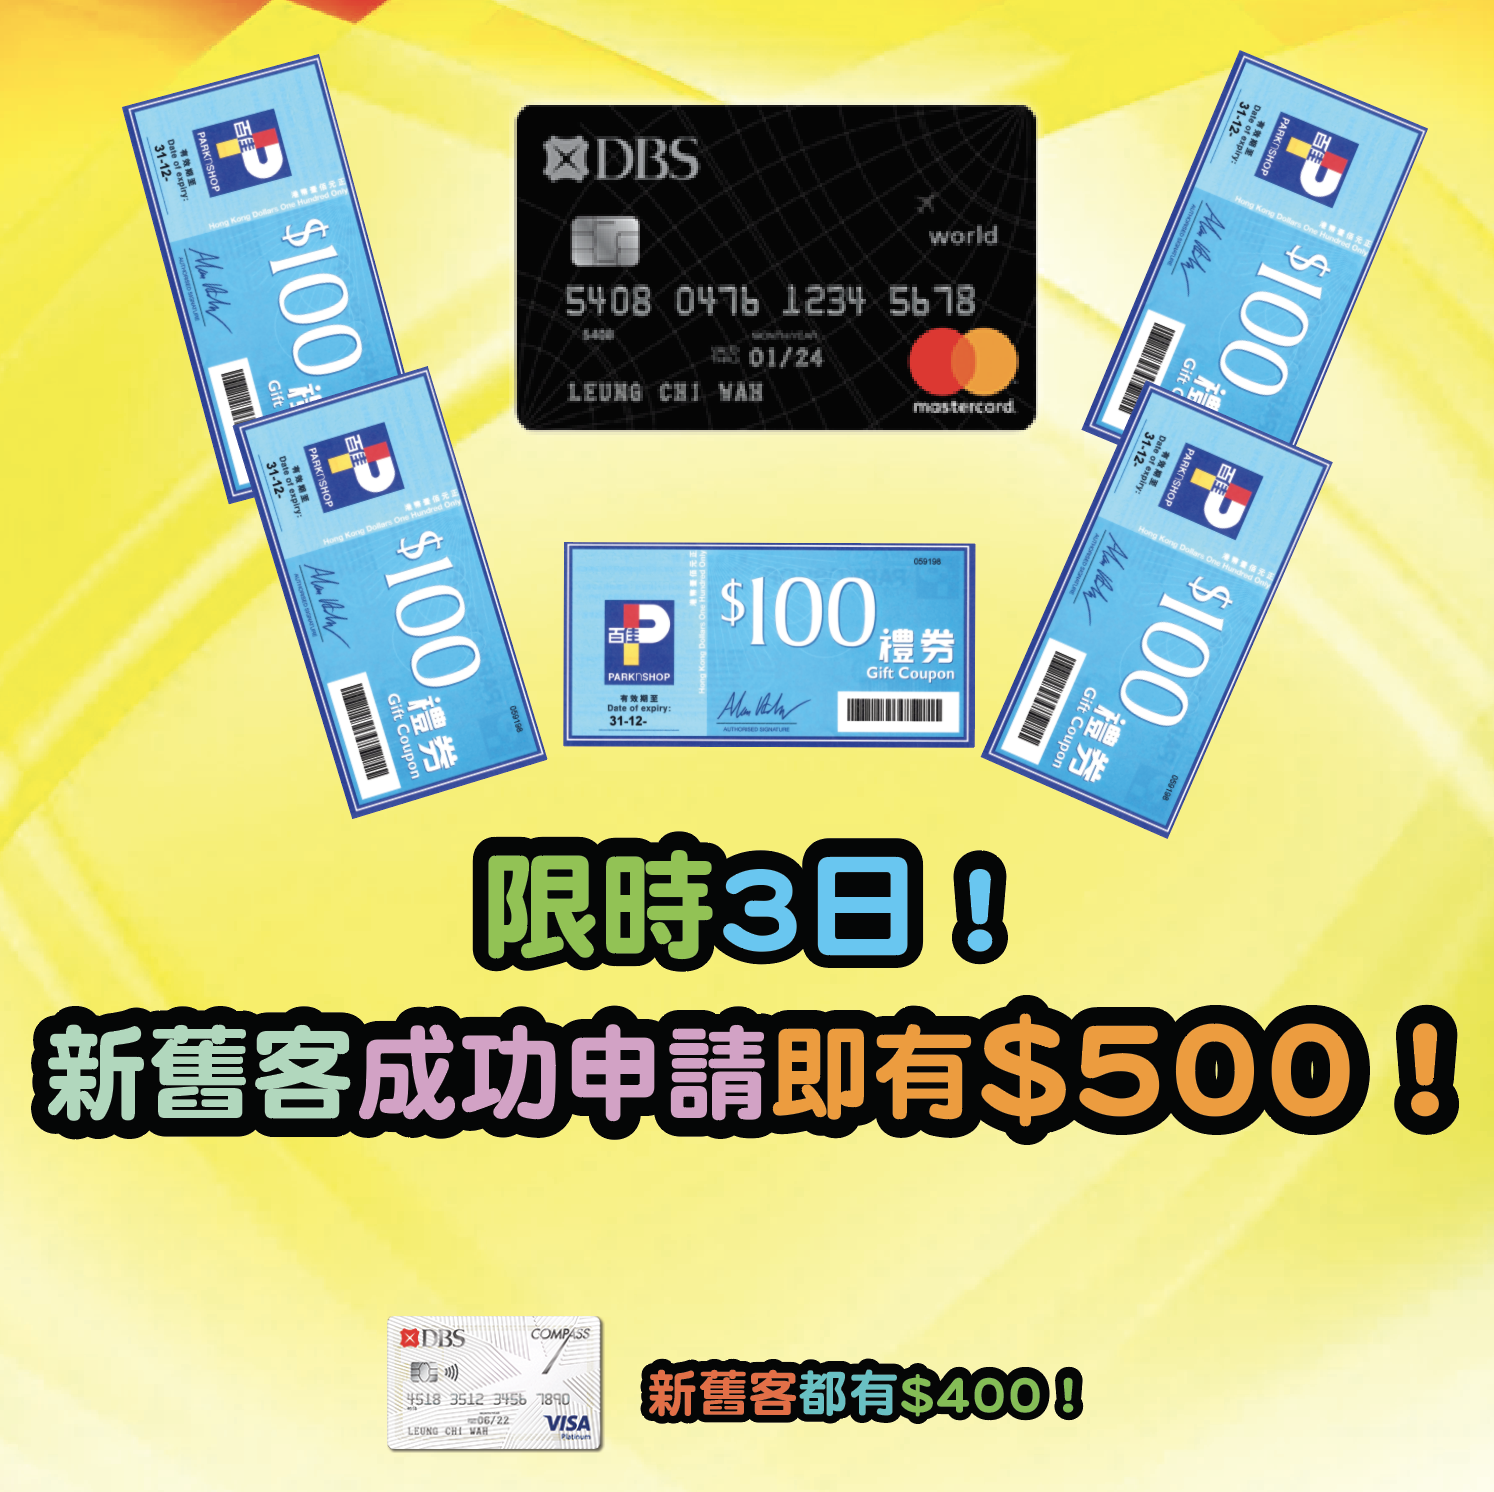 限時3日!經小斯申請DBS Black World Mastercard 新舊客戶有$500禮券!另外申請埋DBS Compass Visa再有$400禮券,加埋就有$900禮券啦!